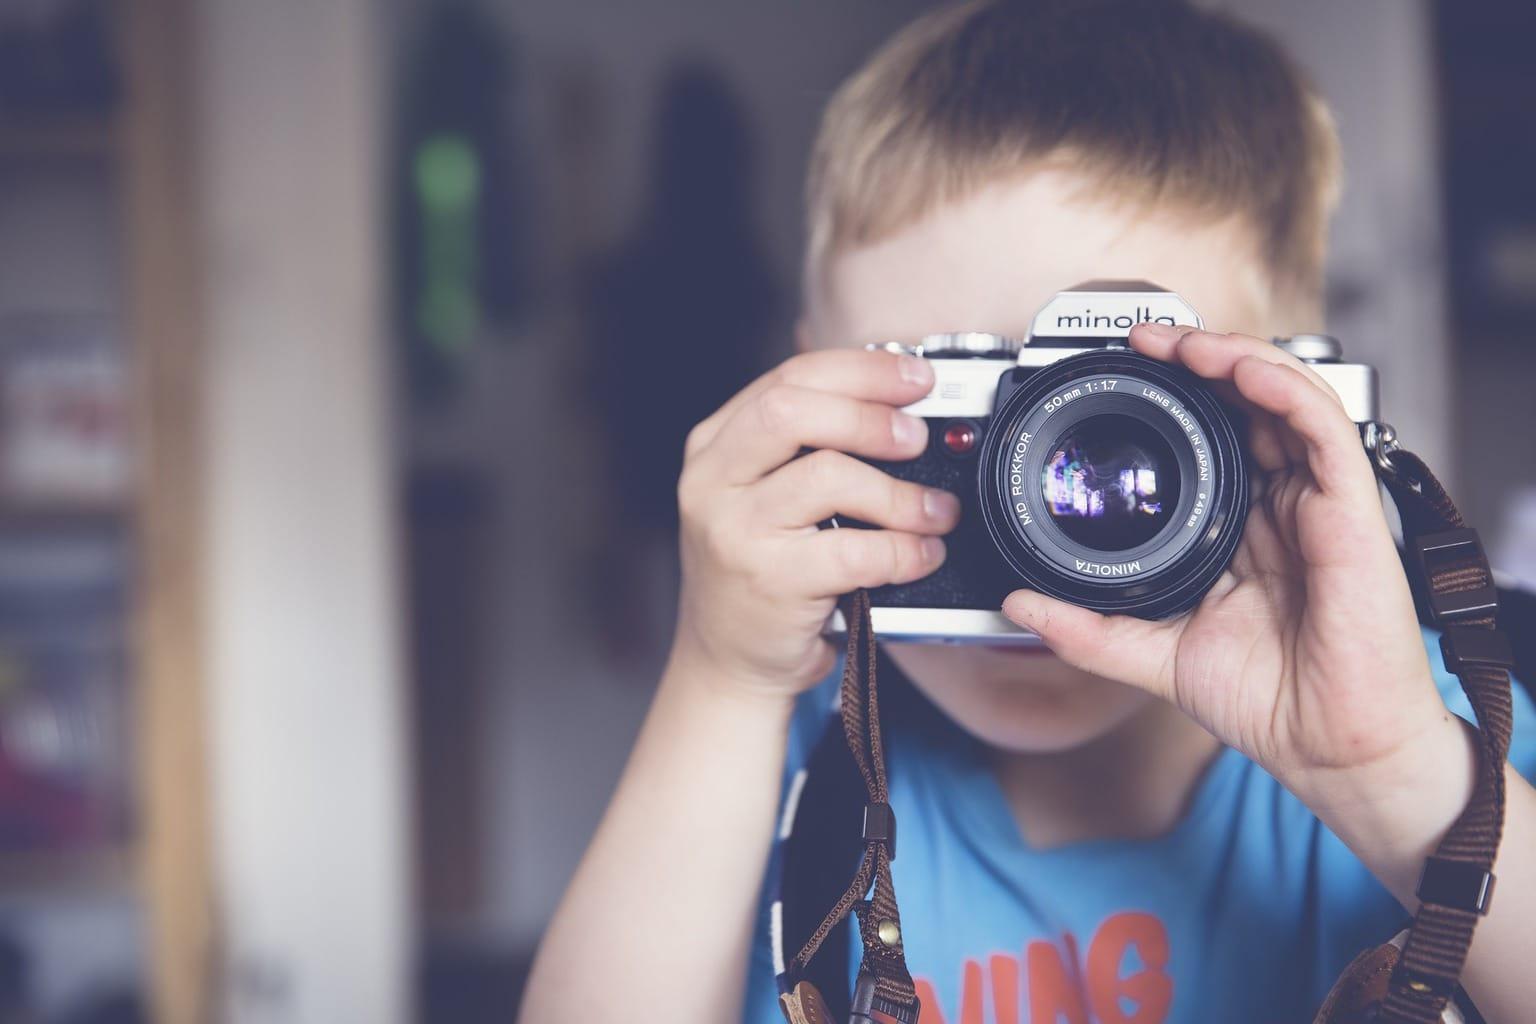 fotografía de un niño con una cámara minolta